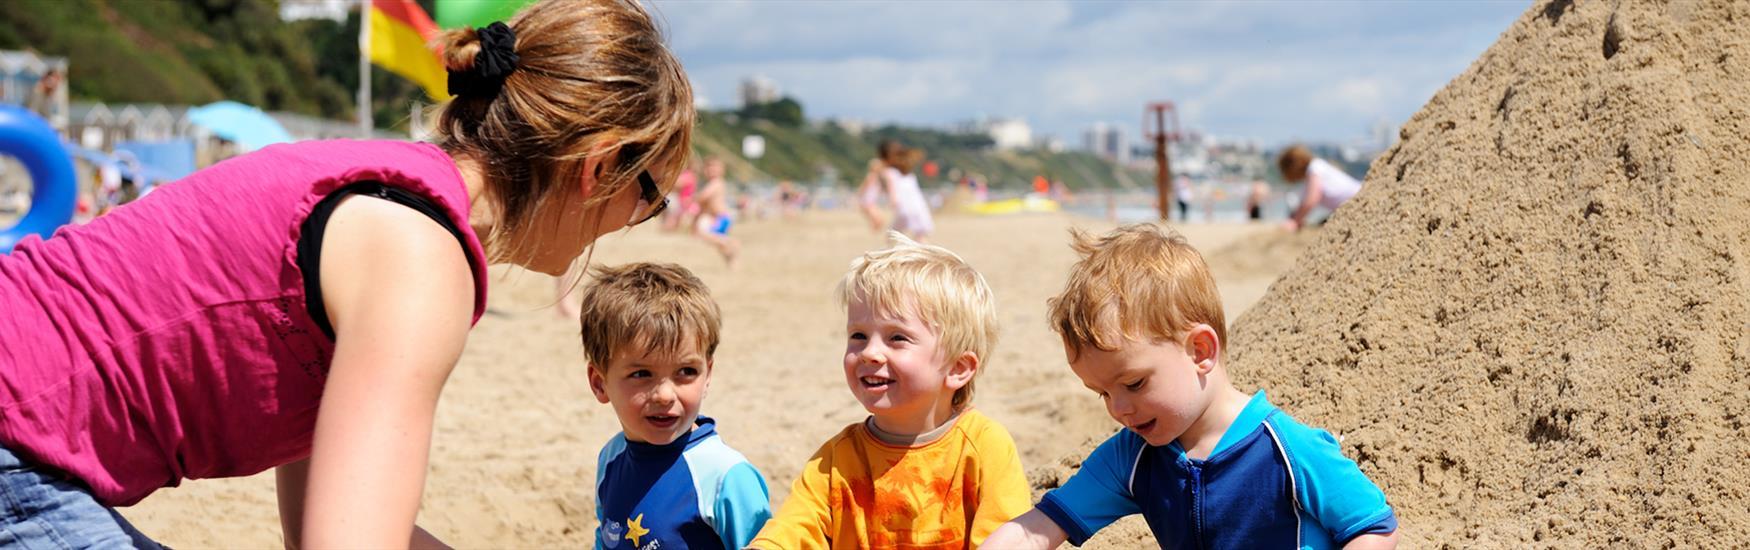 Kids on Beach